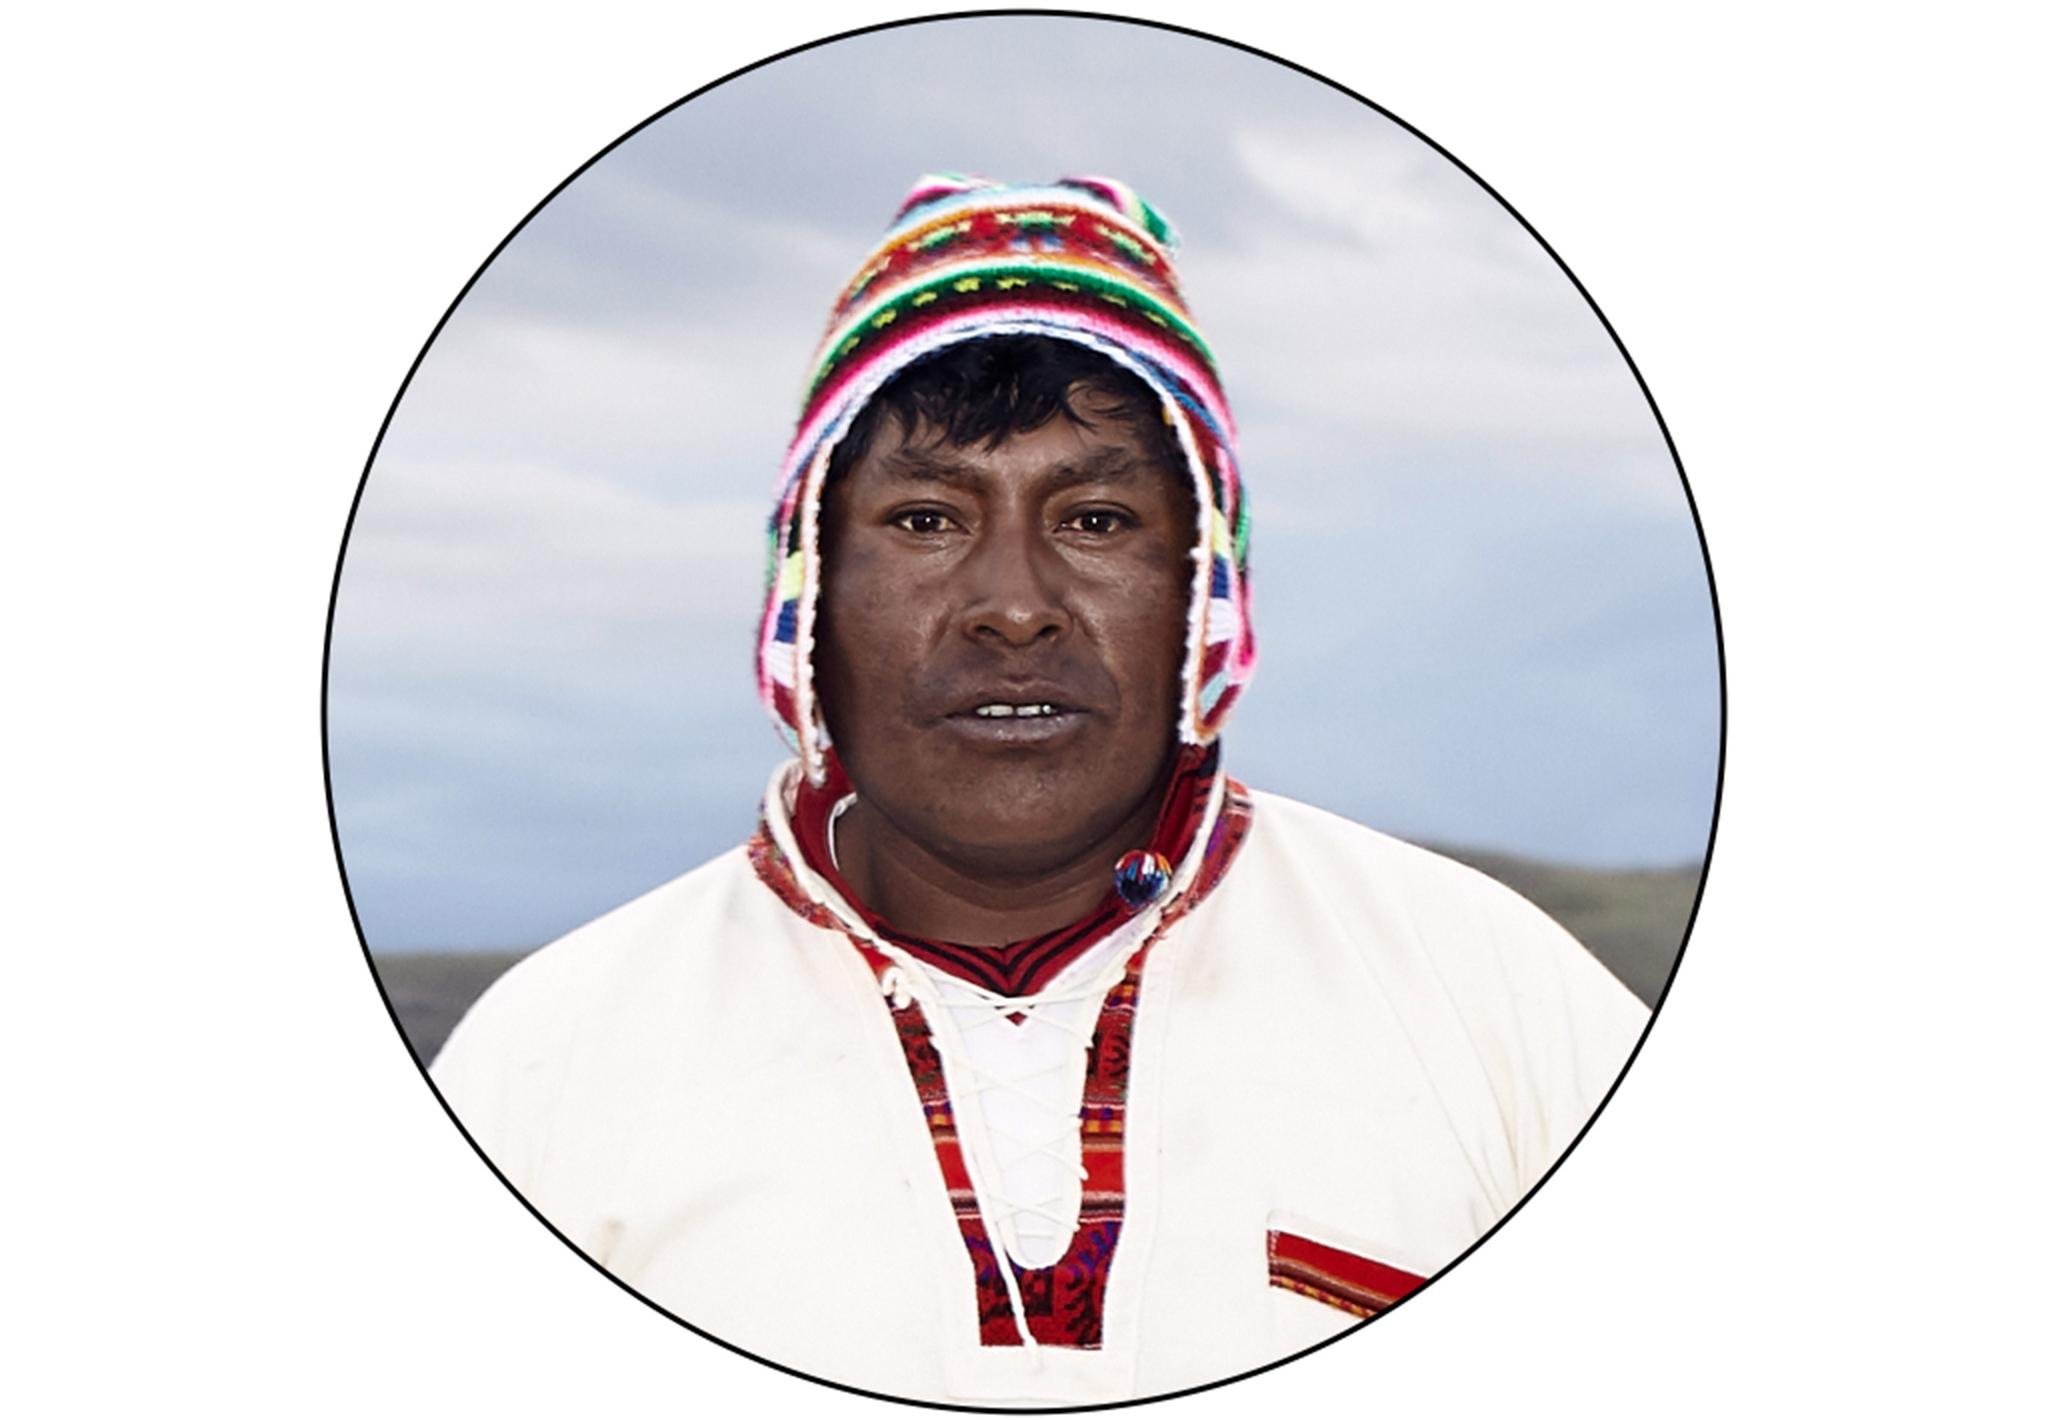 Uros_tribe_environmental_portrait_1